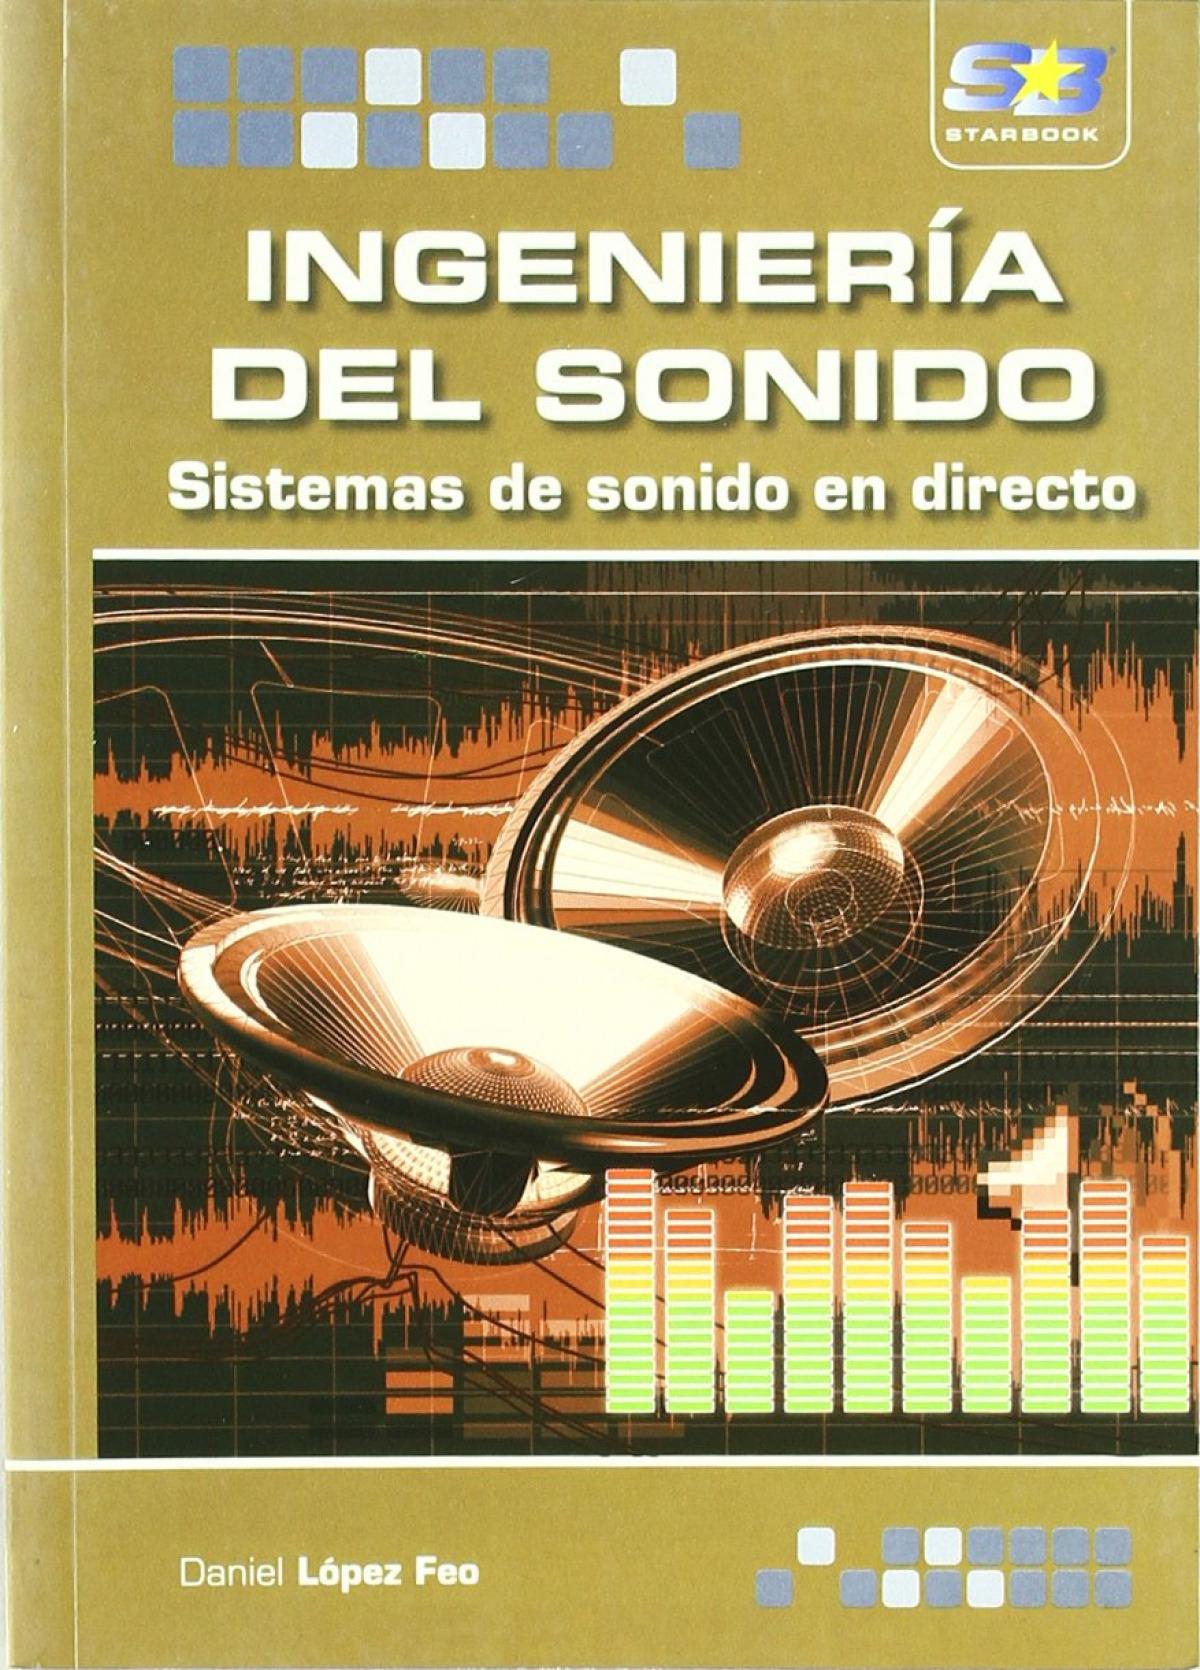 Ingenieria Del Sonido: Sistemas De Sonido En Directo 9788492650149